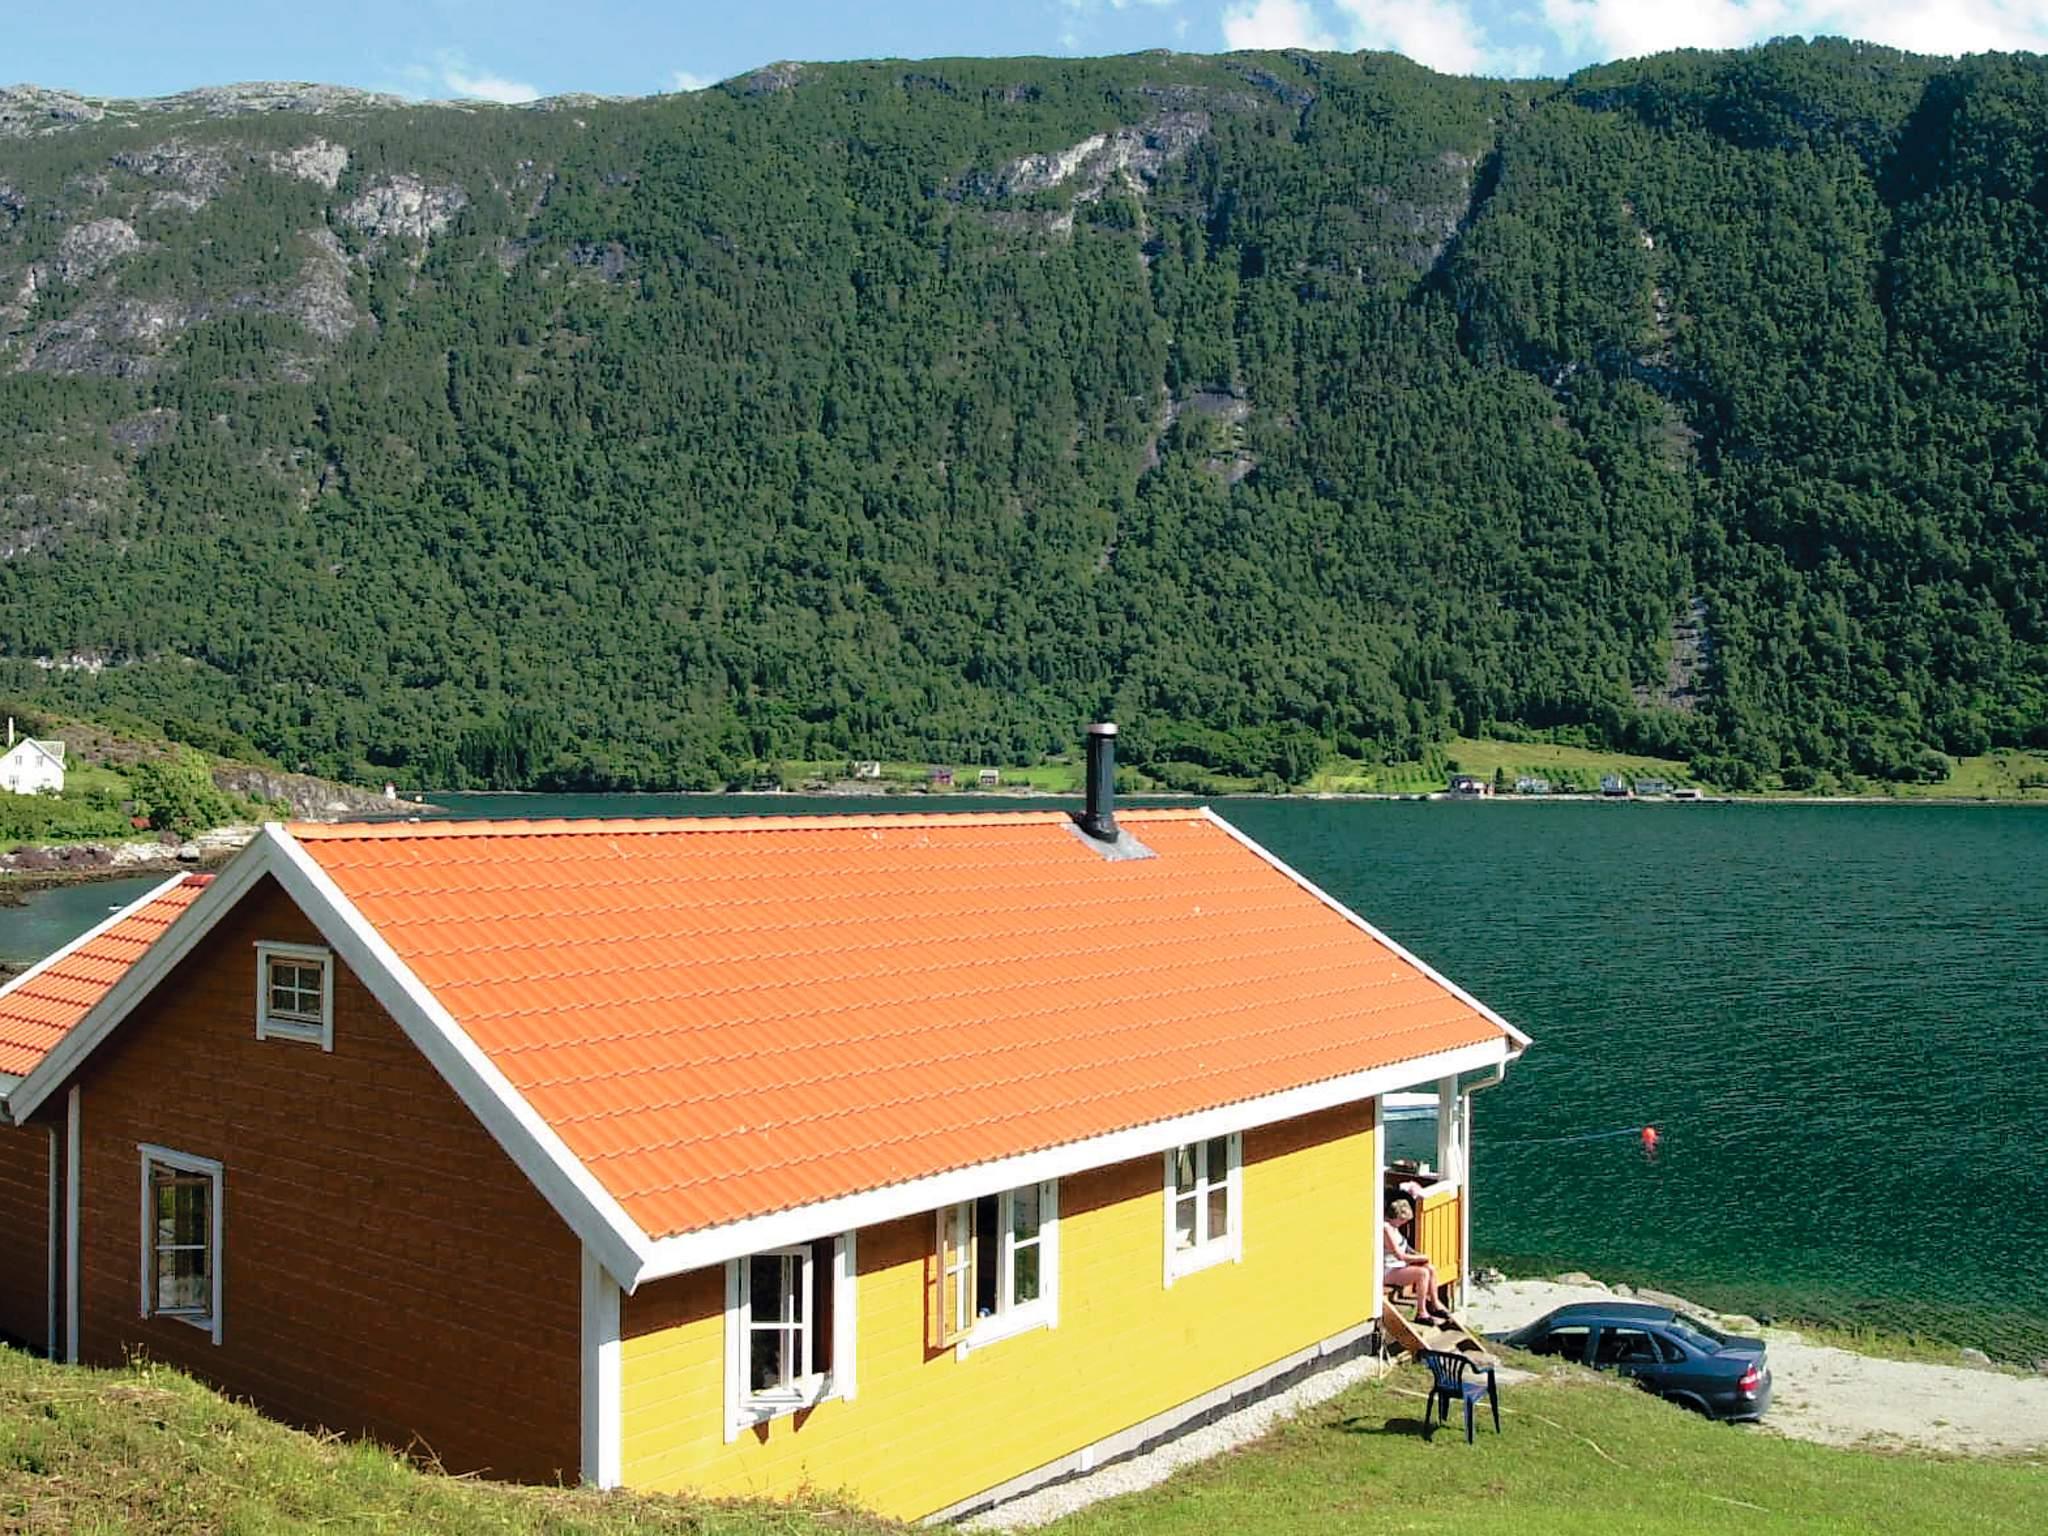 Ferienhaus Slinde (82397), Slinde, Sognefjord - Nordfjord, Westnorwegen, Norwegen, Bild 27